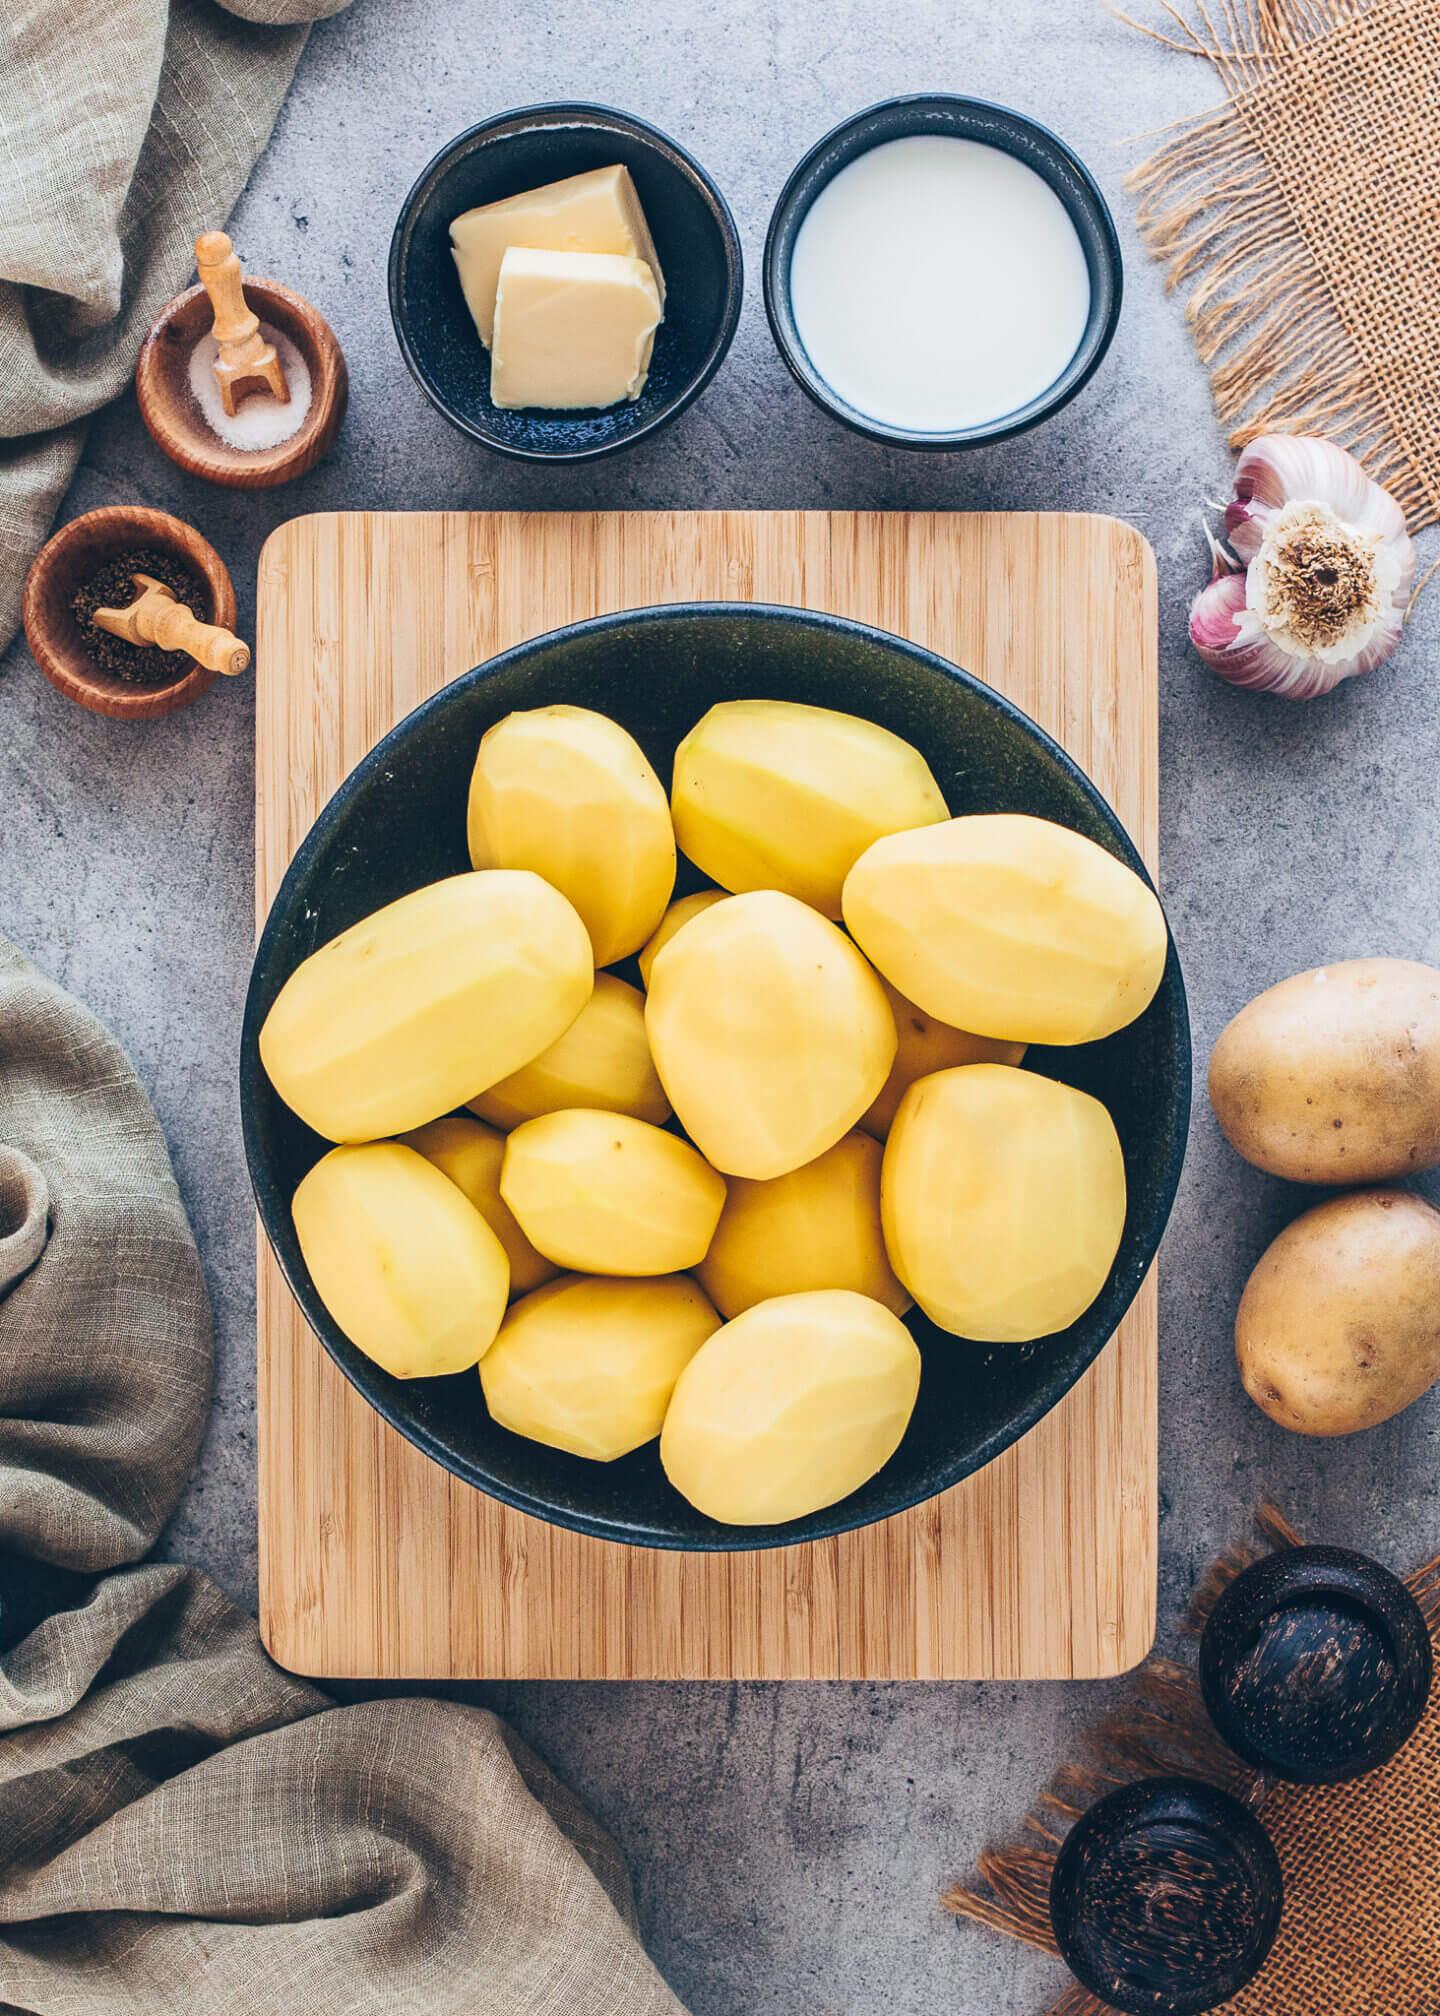 geschälte Kartoffeln in einer Schale